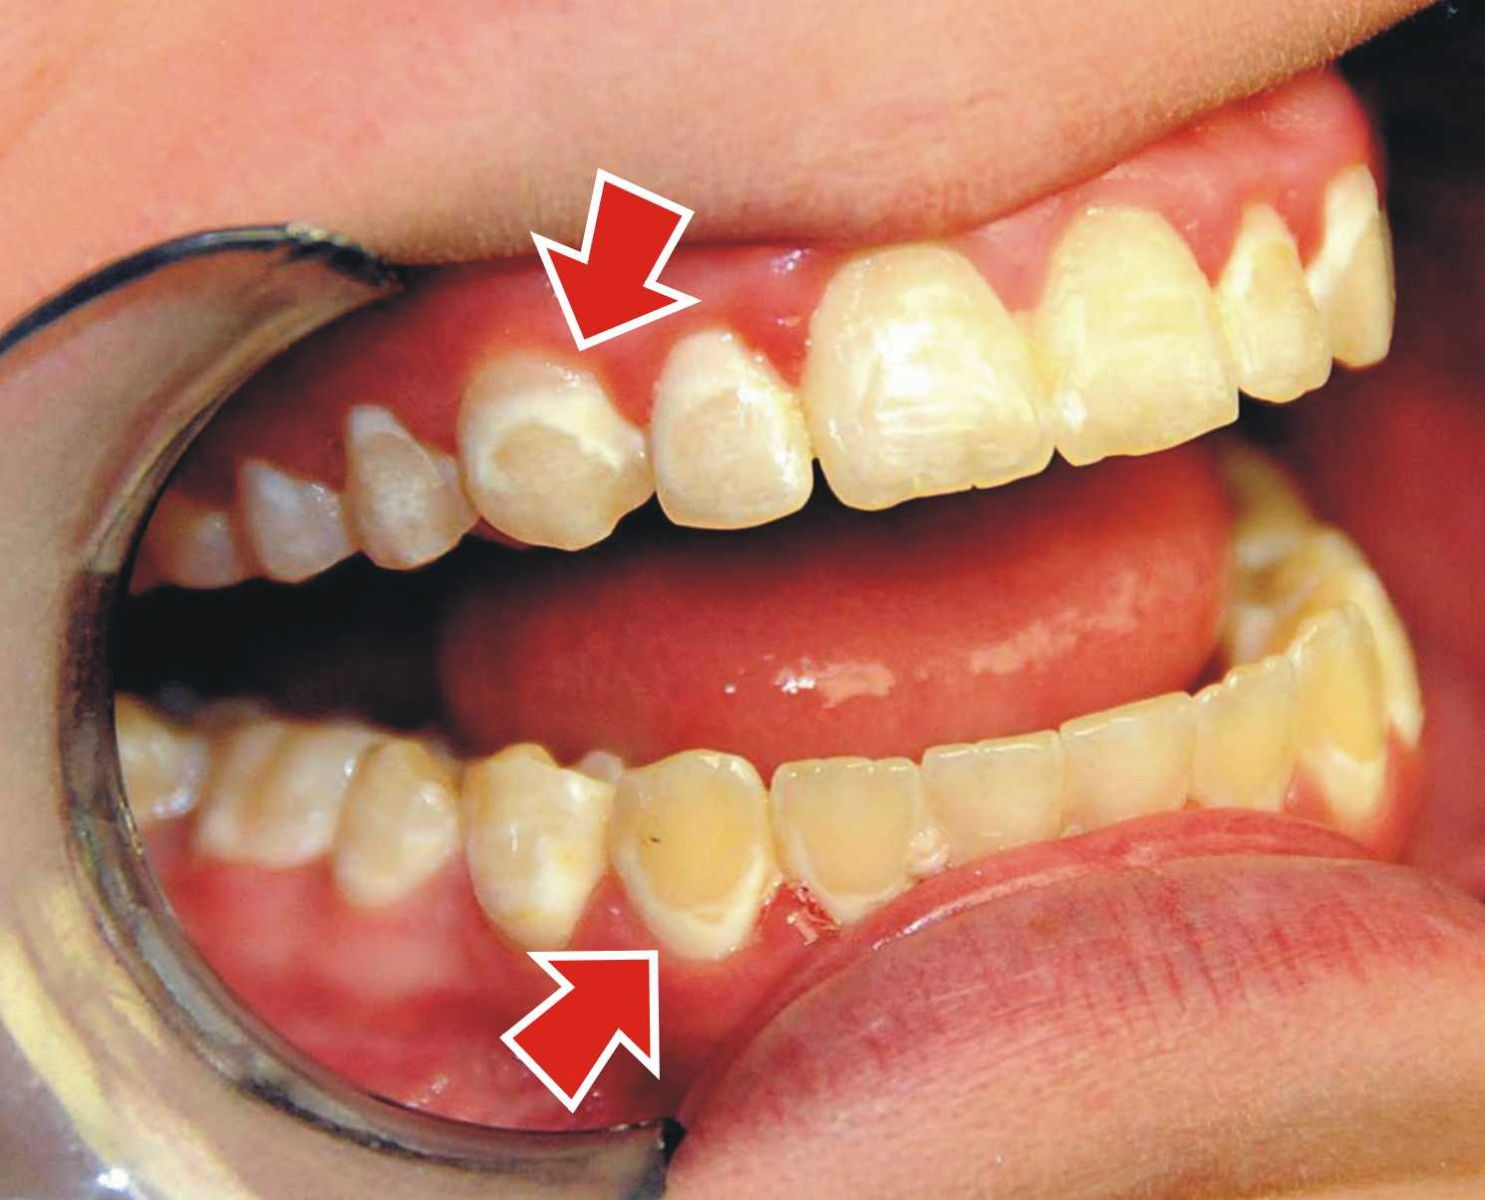 أطعمة تسبب لك بقع الأسنان..فتجنبها قدر الإمكان